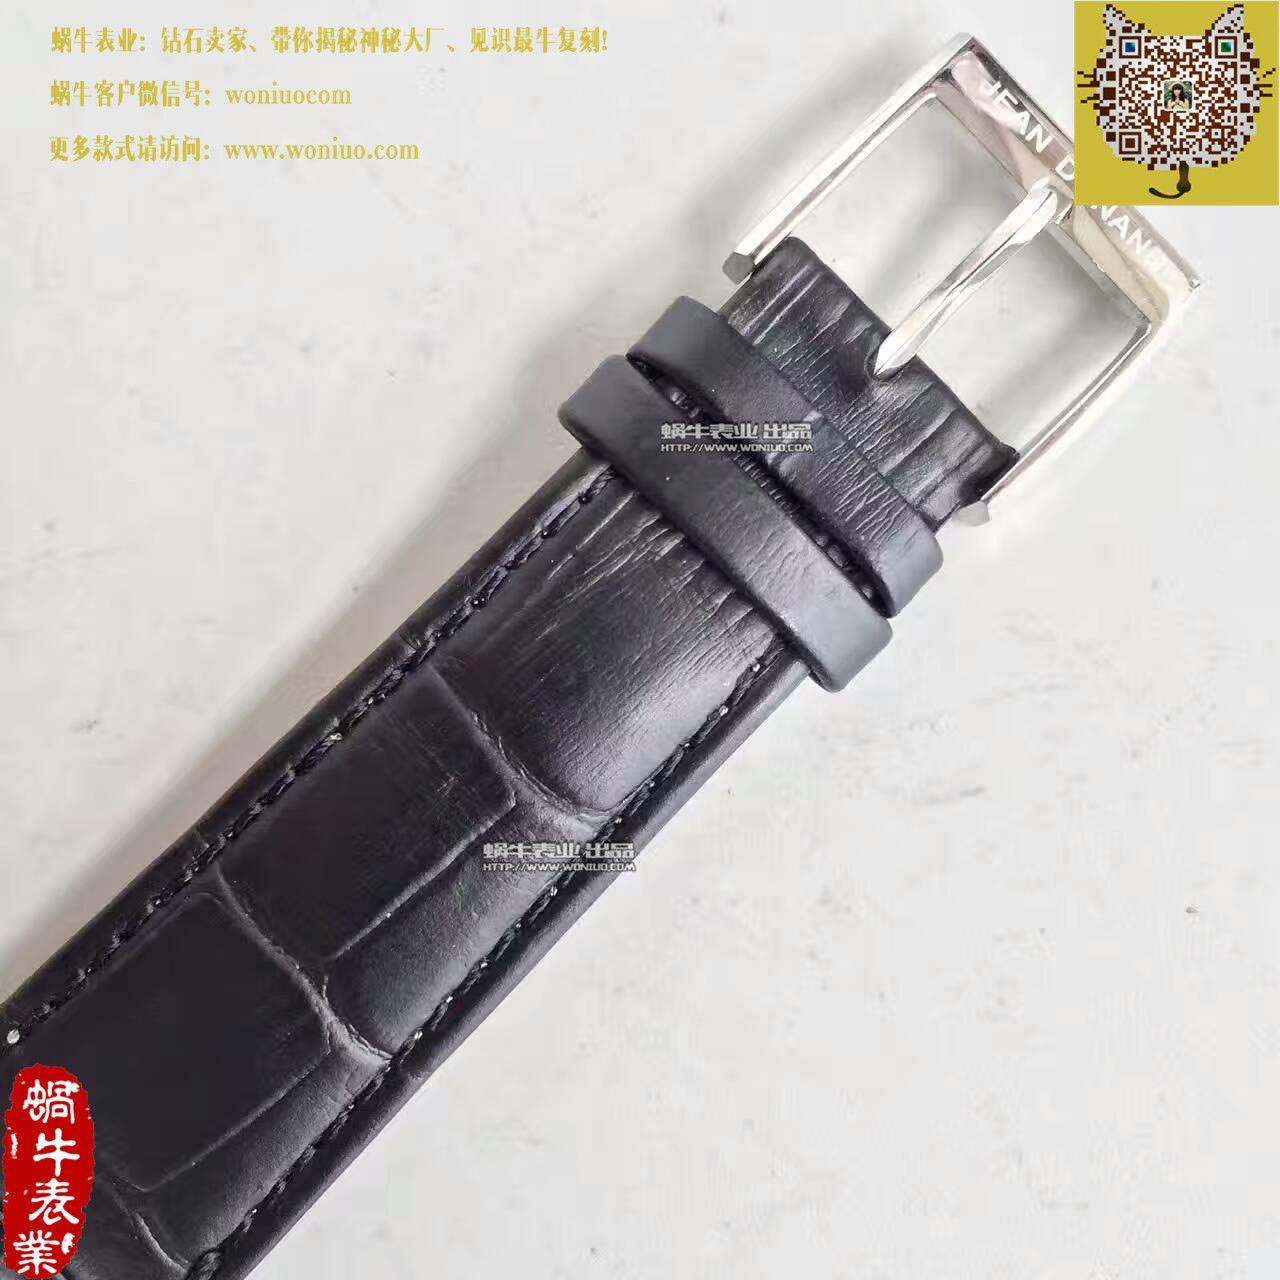 【轨道飞轮】复刻界的又一神作!尊皇轨道陀飞轮腕表 / ZH01